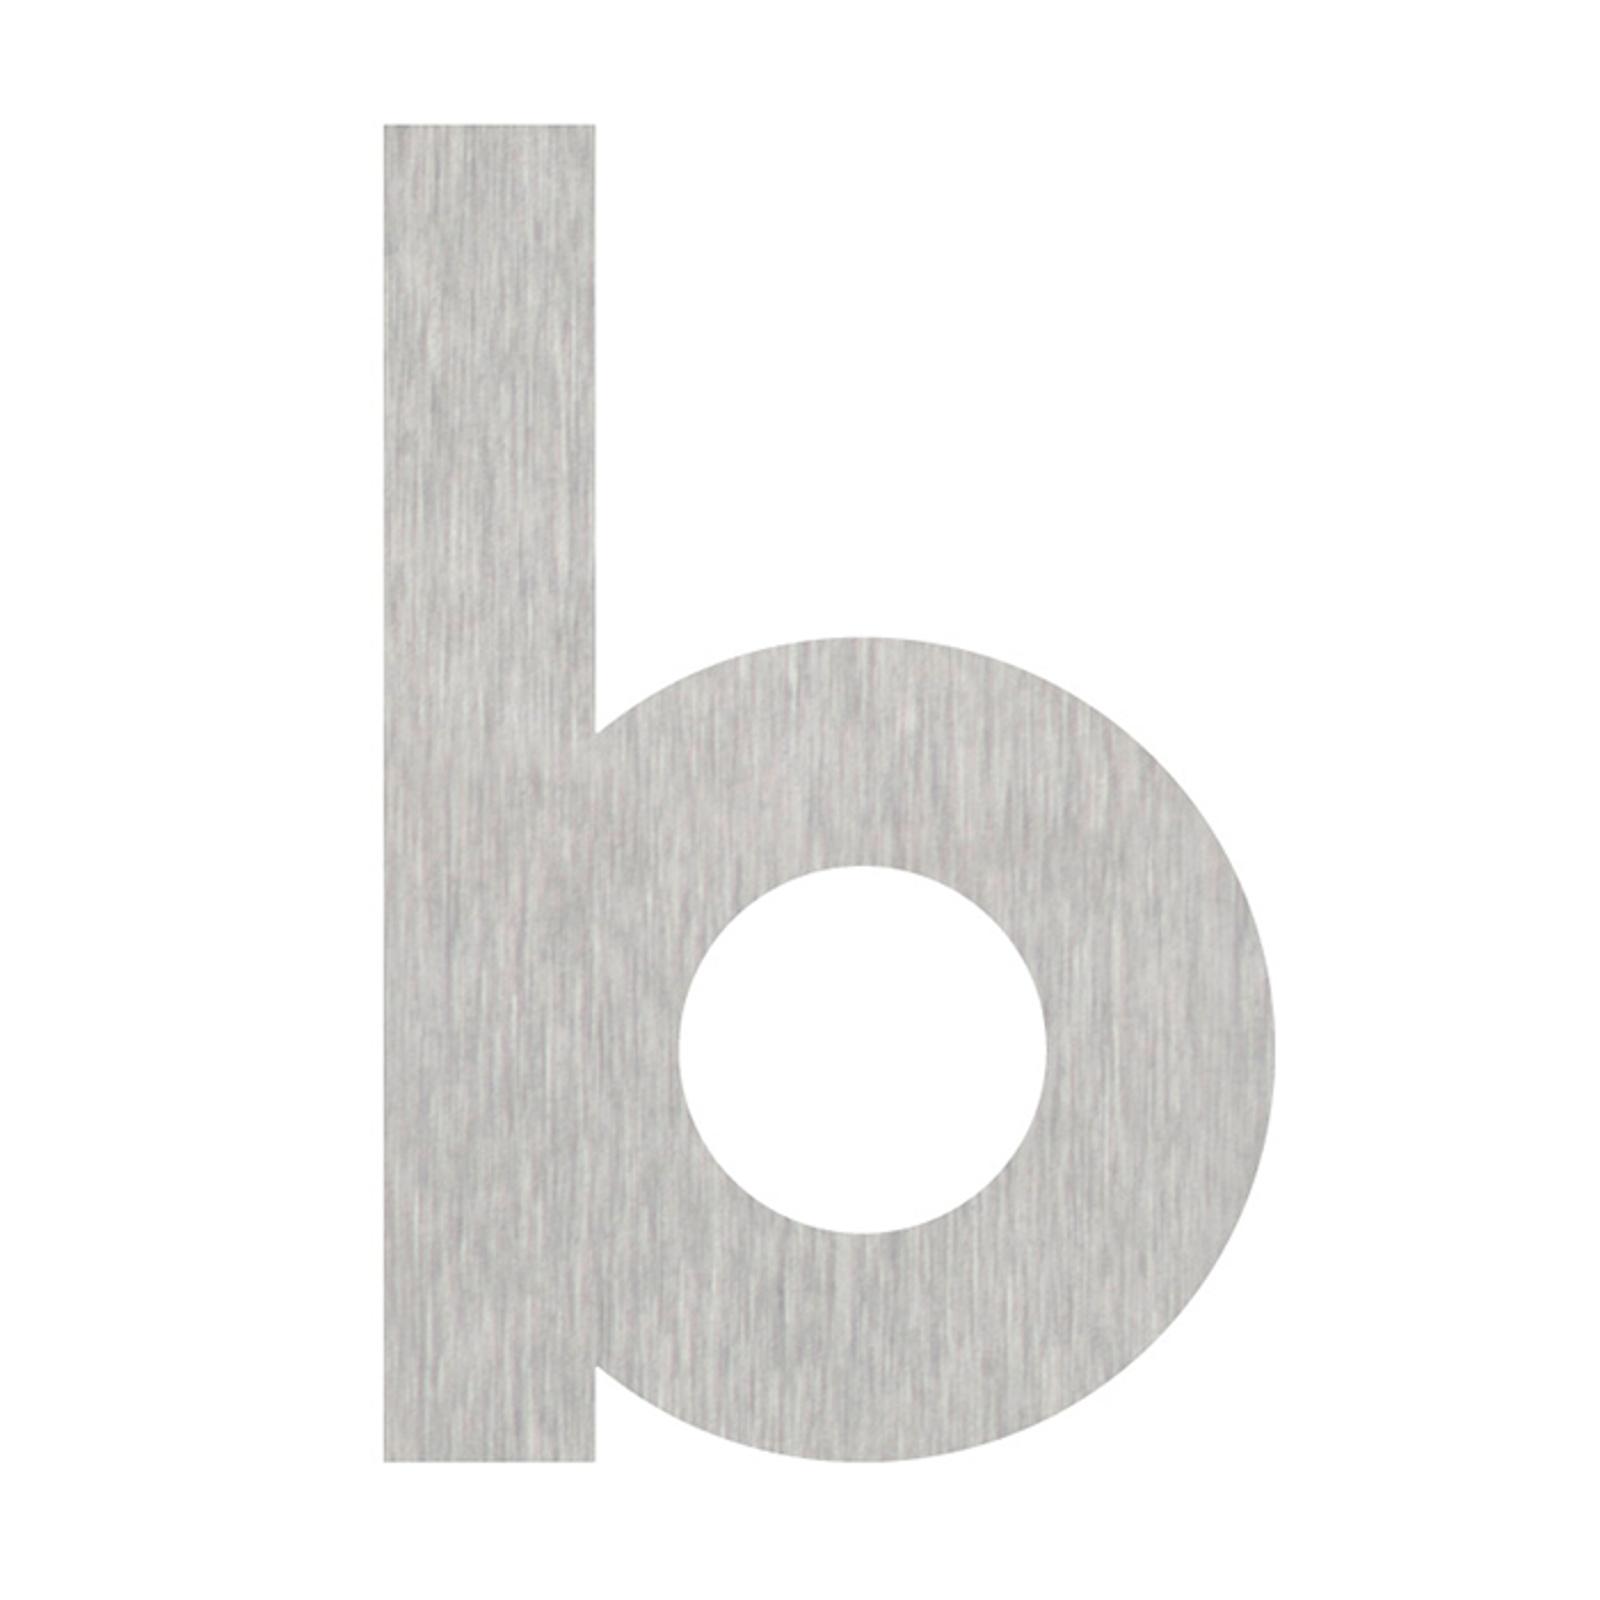 Domovní čísla písmeno b